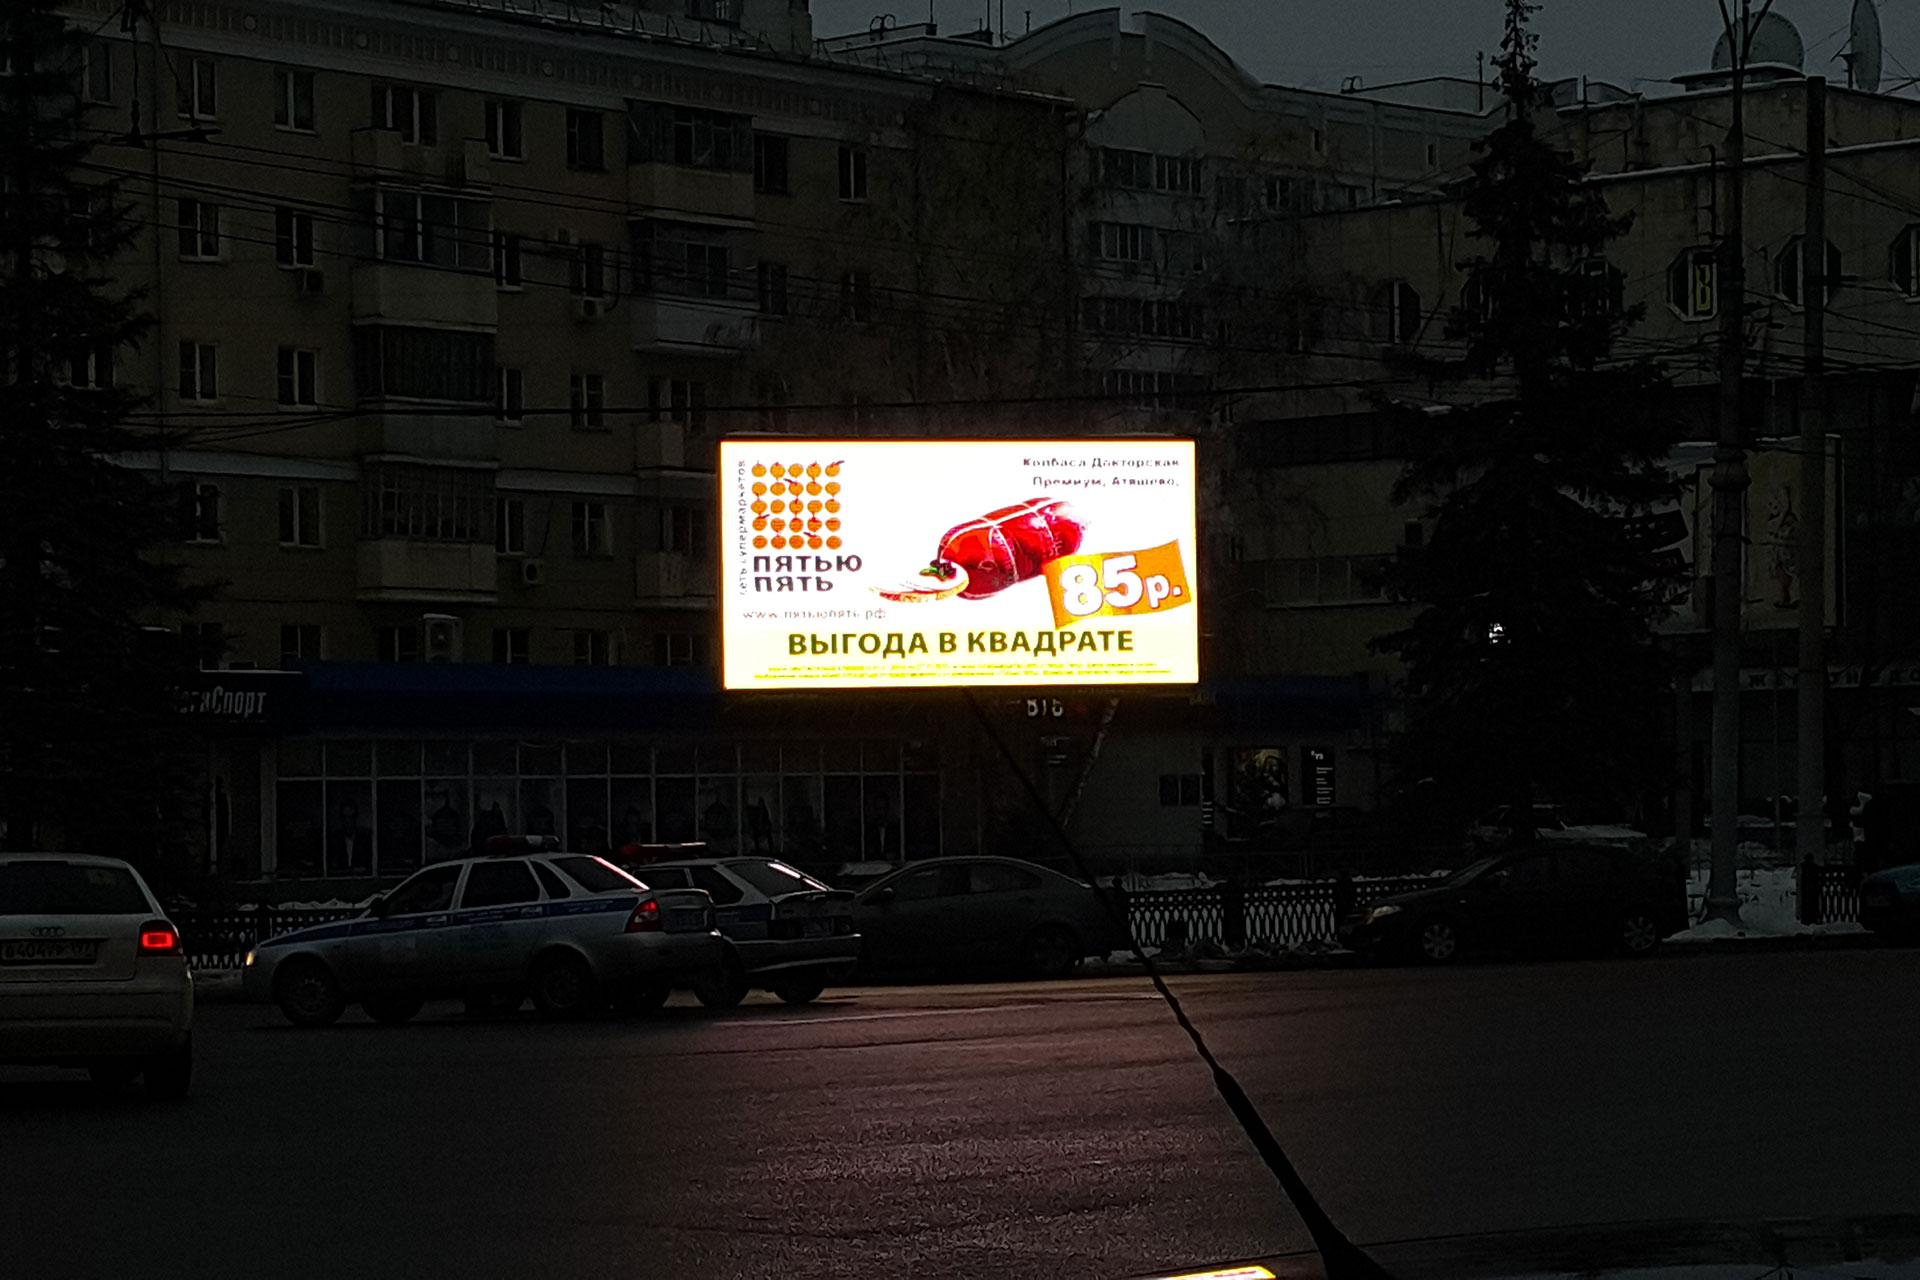 Уличный экран. Реальное Время №2